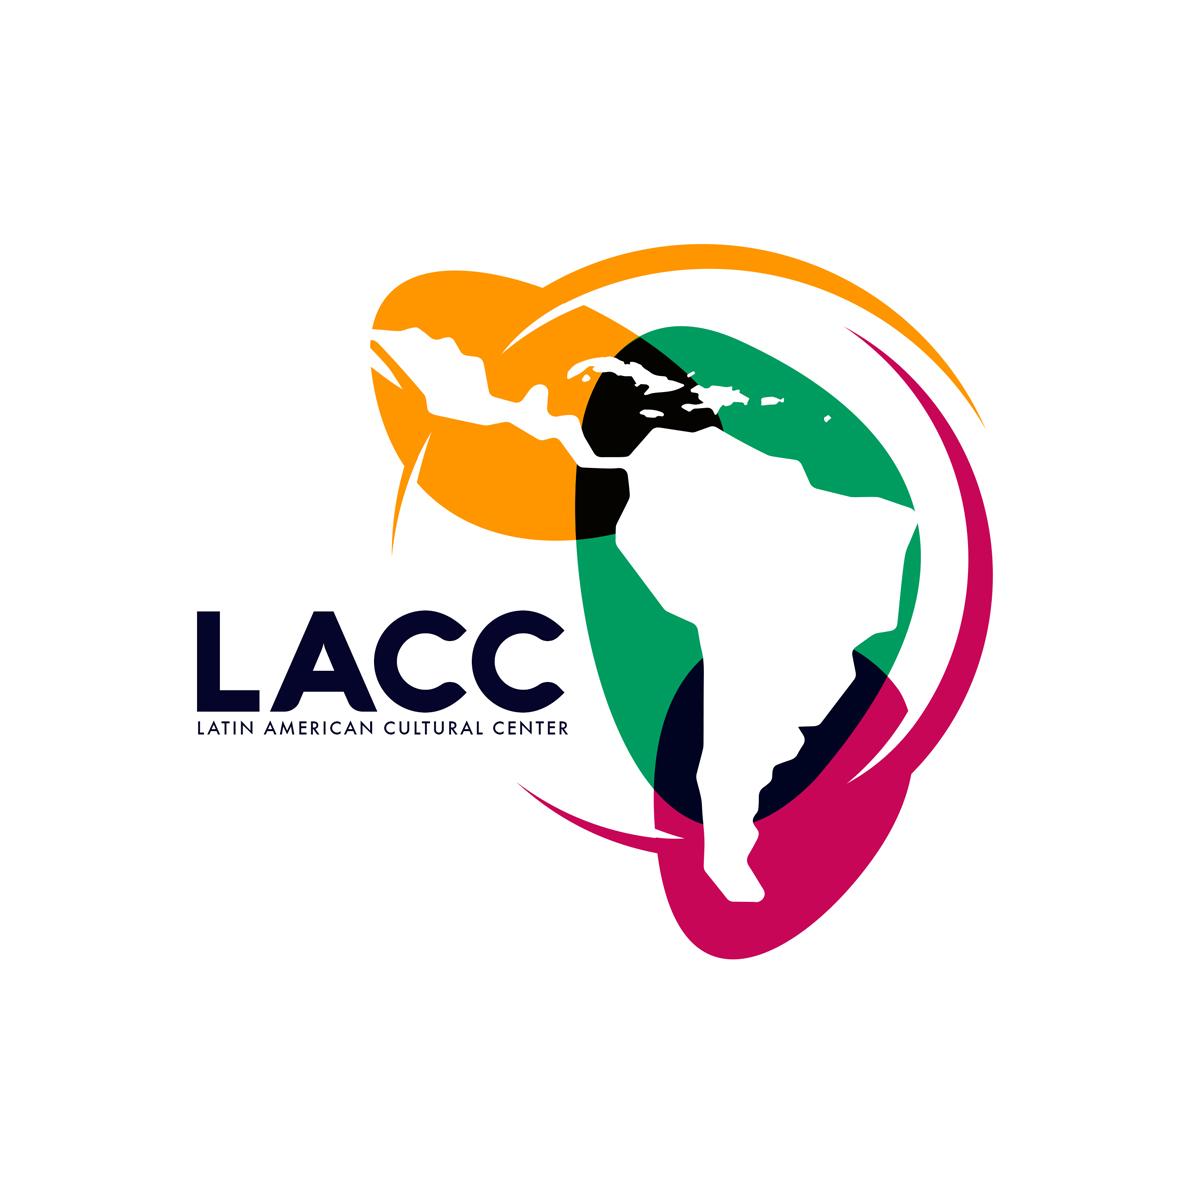 ASLogo_LACC.jpg